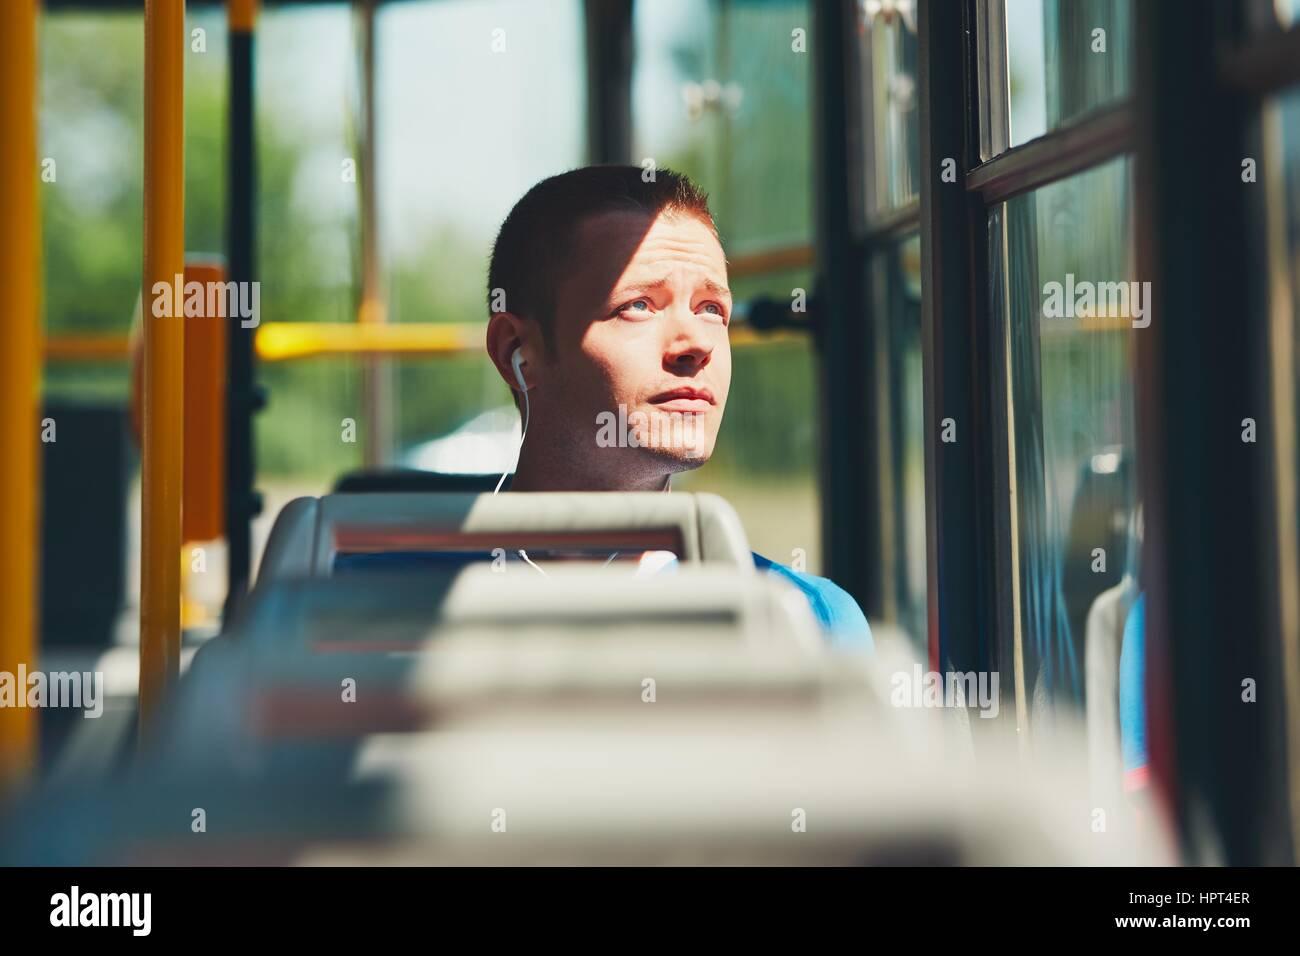 La vie quotidienne et se rendre au travail en transports publics. Beau jeune homme se déplace en tram. Photo Stock